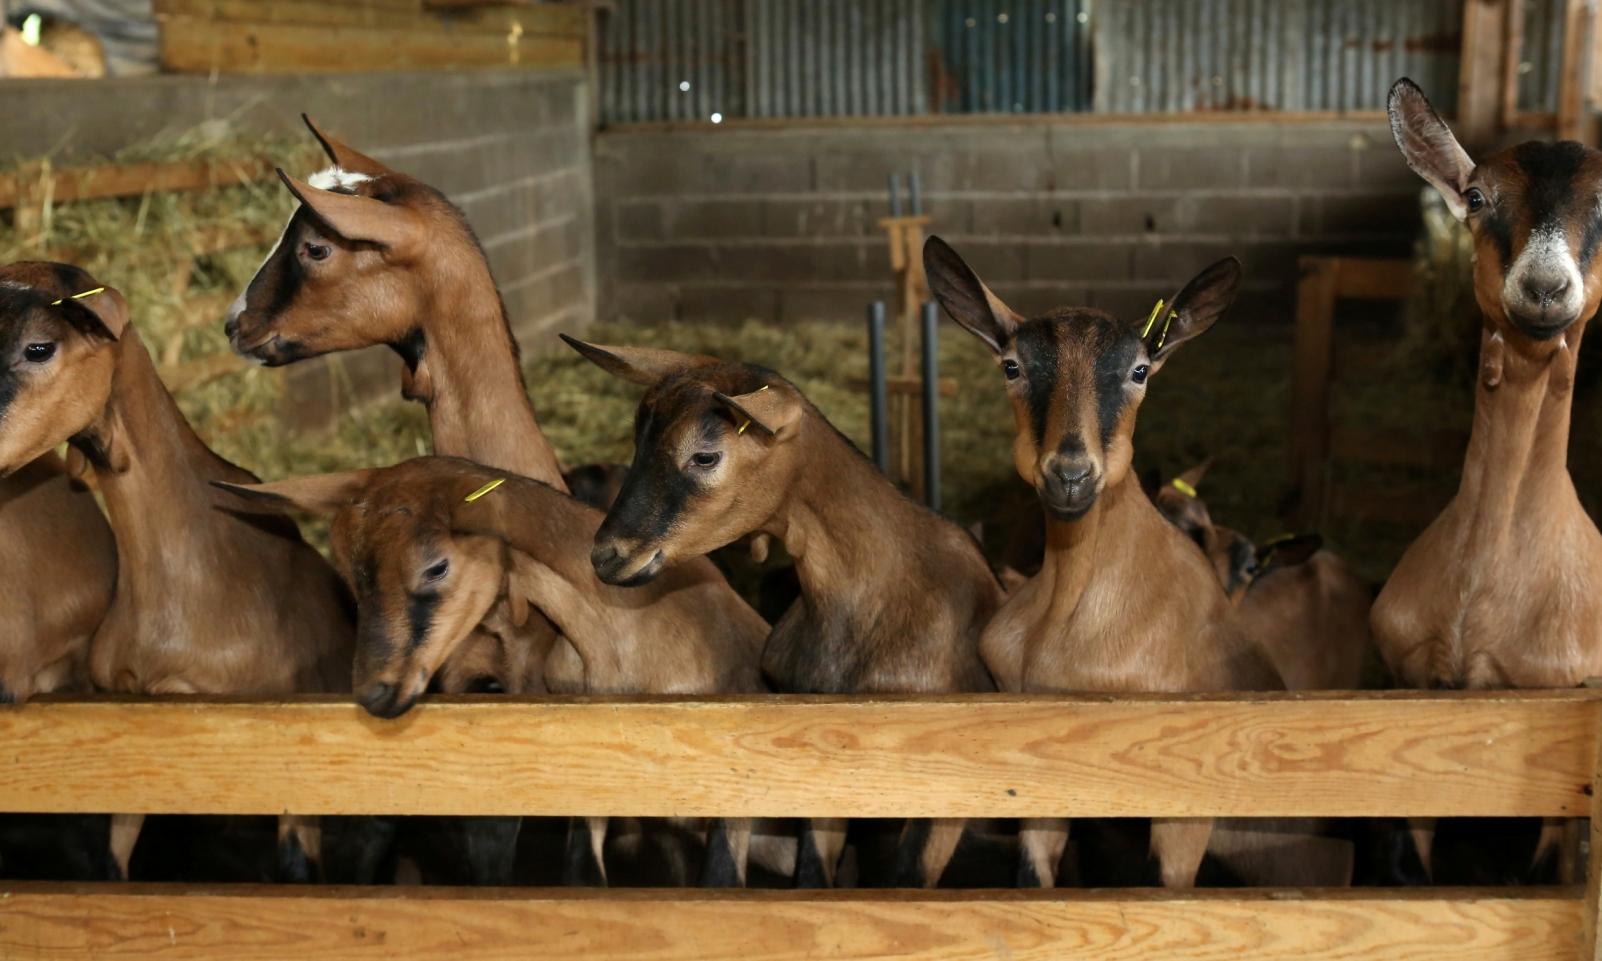 Les chèvres de la Basse Beuverie